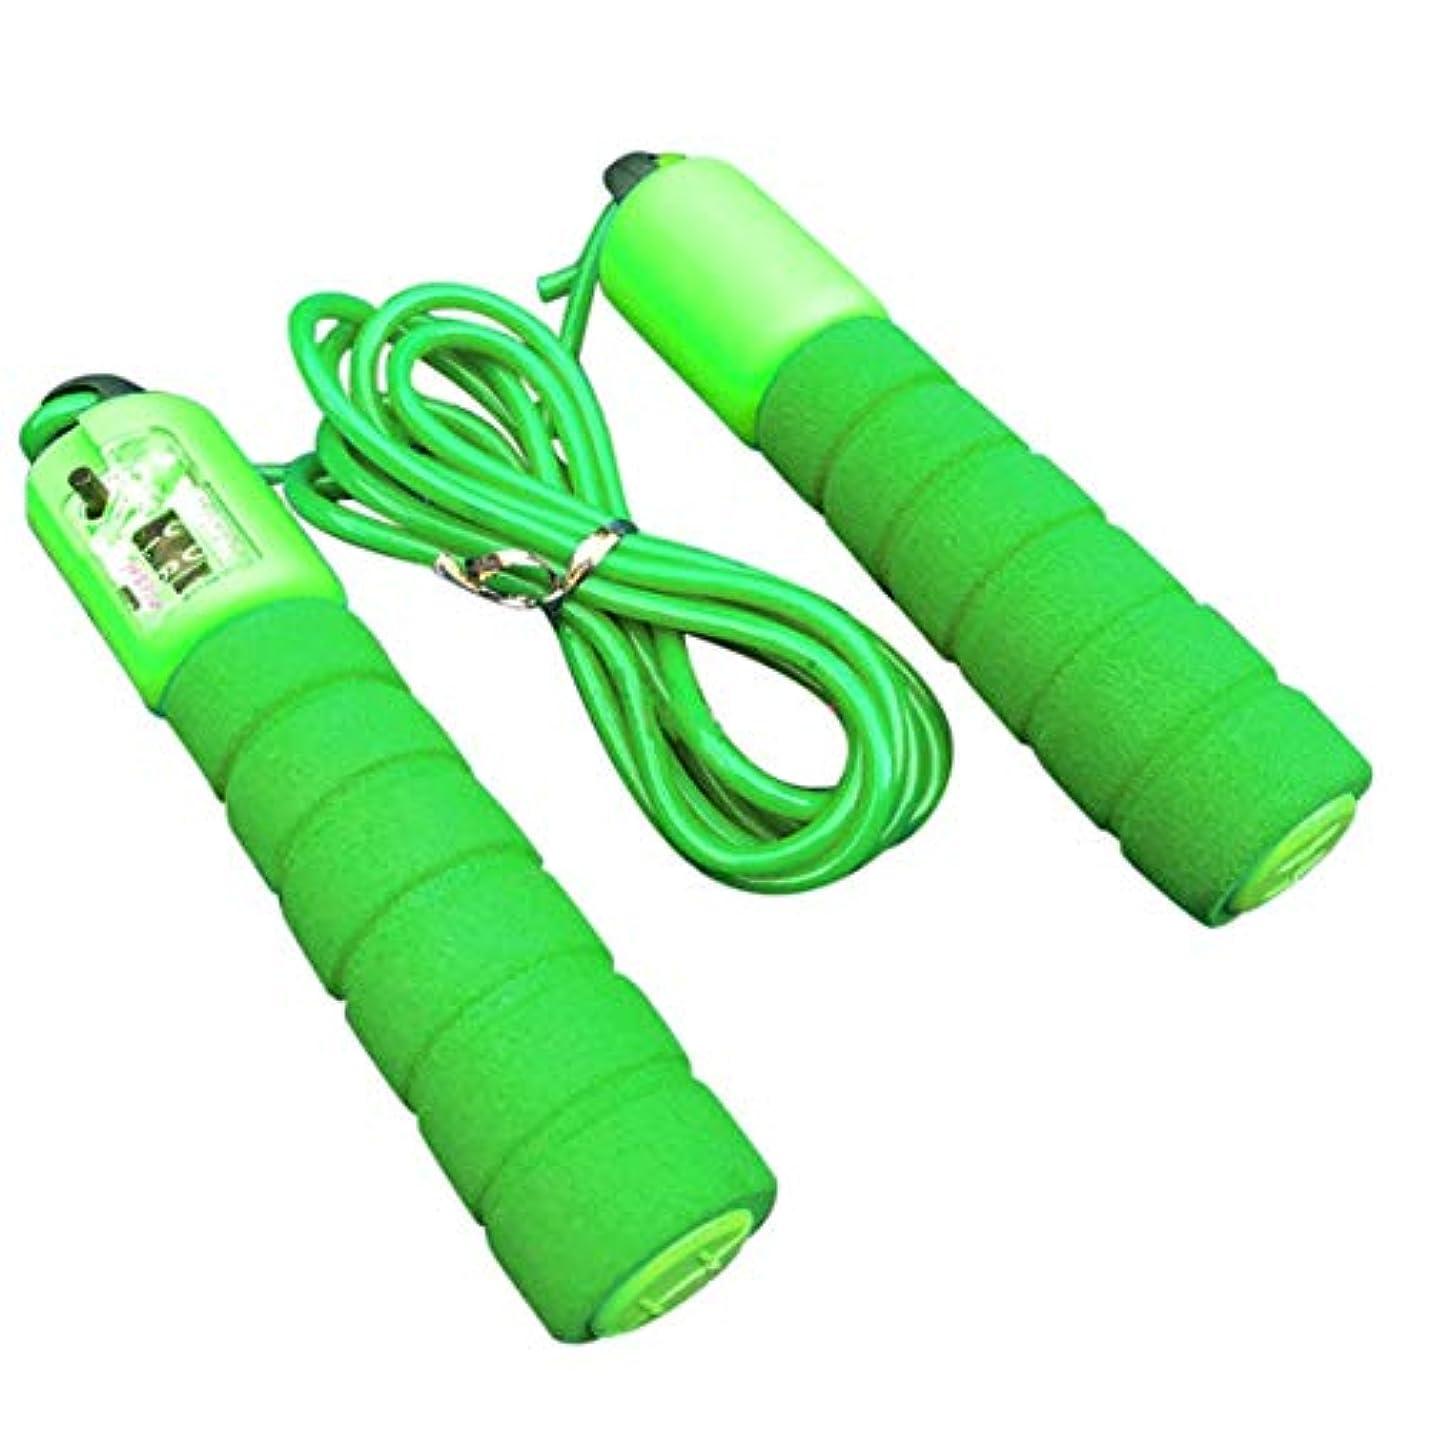 うまくいけば信念乱雑な調節可能なプロフェッショナルカウント縄跳び自動カウントジャンプロープフィットネス運動高速カウントジャンプロープ - グリーン